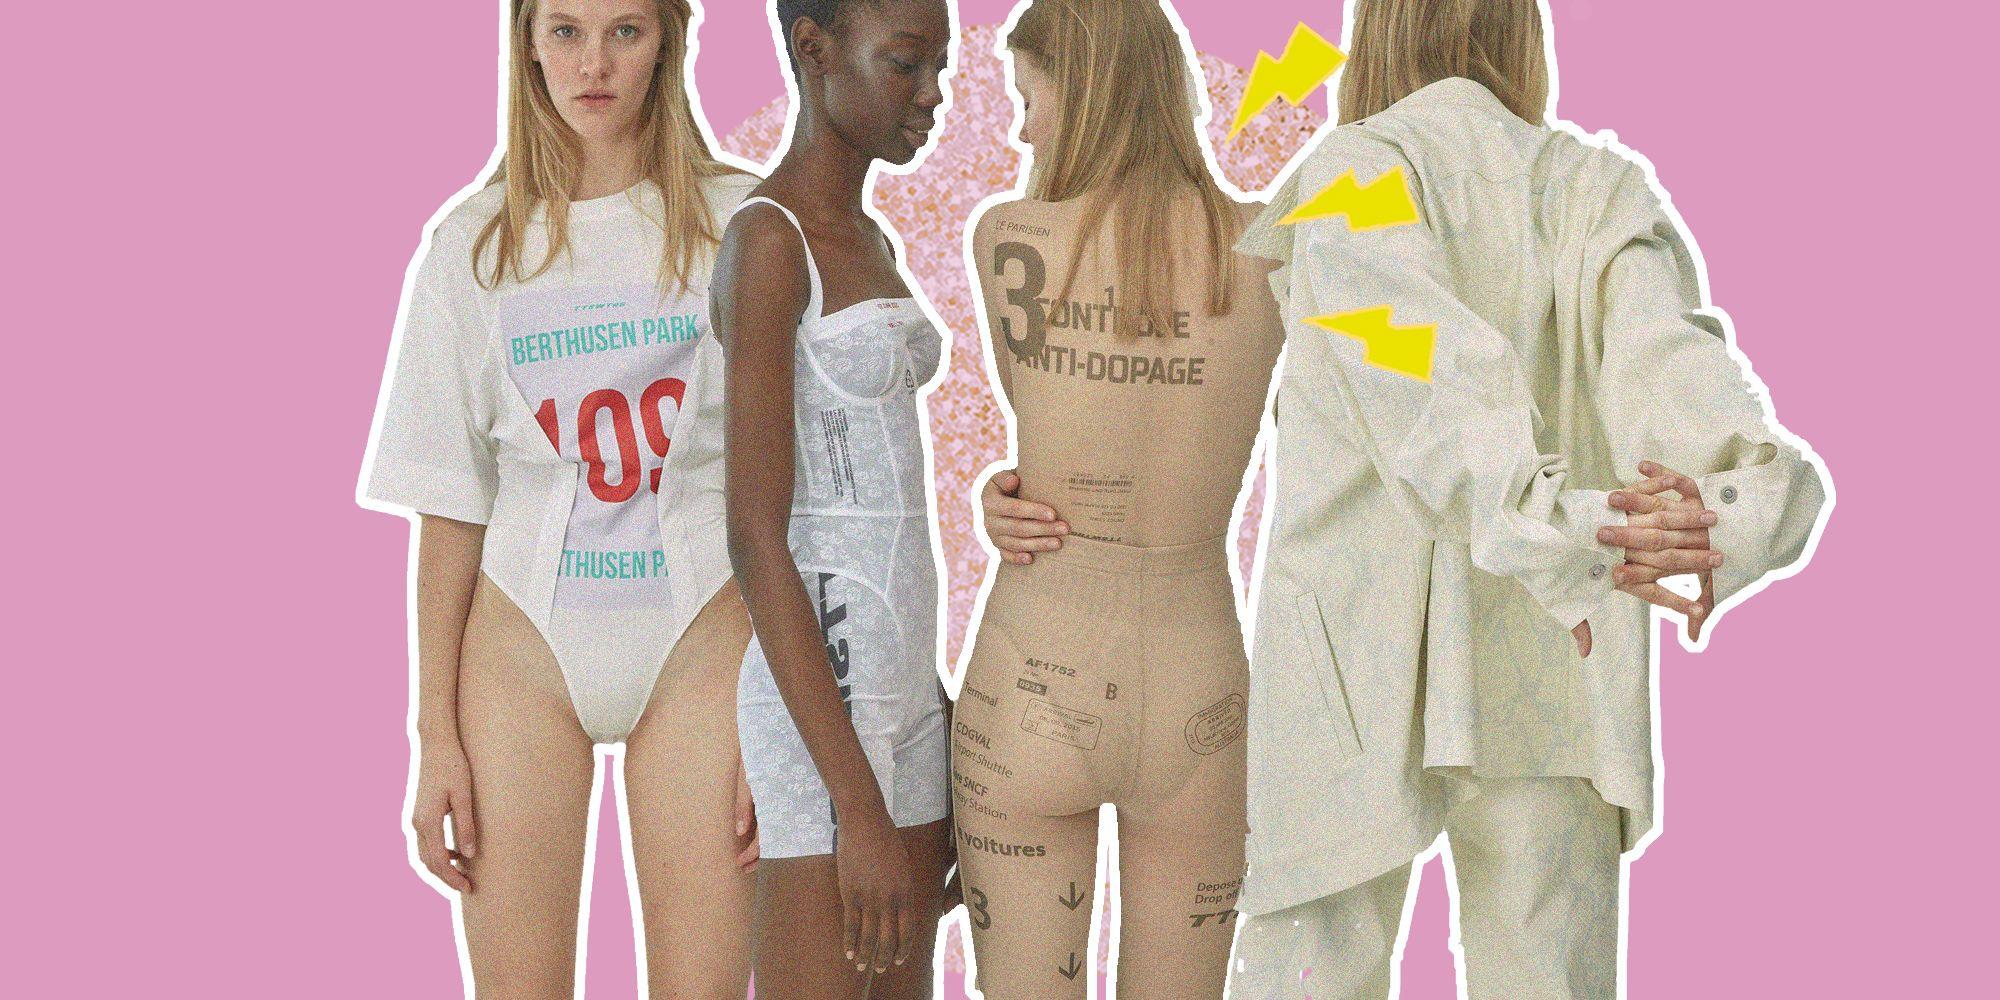 Si scrive TTSWTRS, si pronuncia Tattoo Sweaters, ed è il brand streetwear della moda 2020 a cui dire subito sì